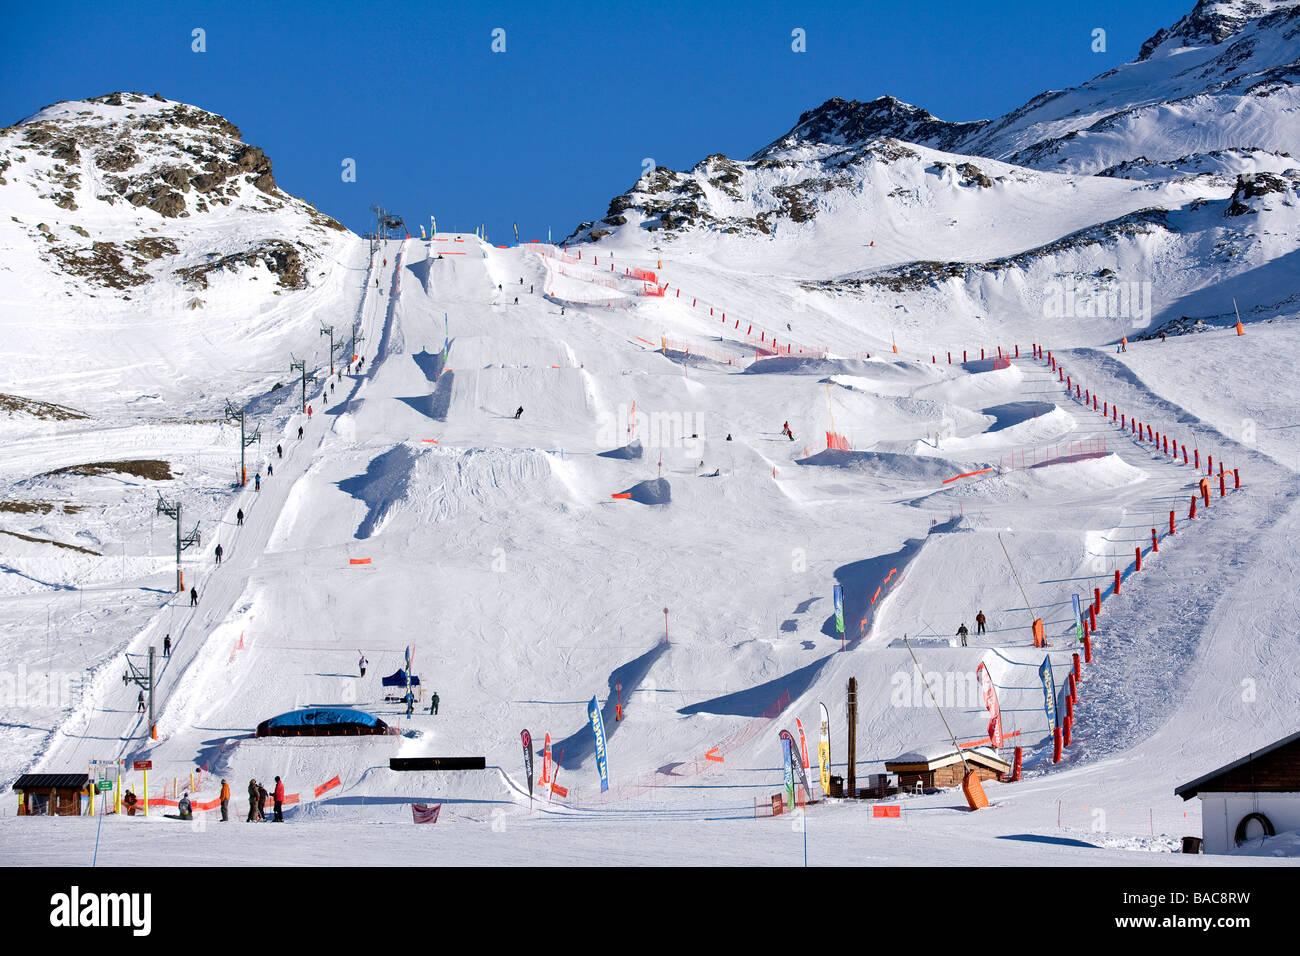 France, Savoie, Val Thorens, the snowpark de la Moutiere - Stock Image